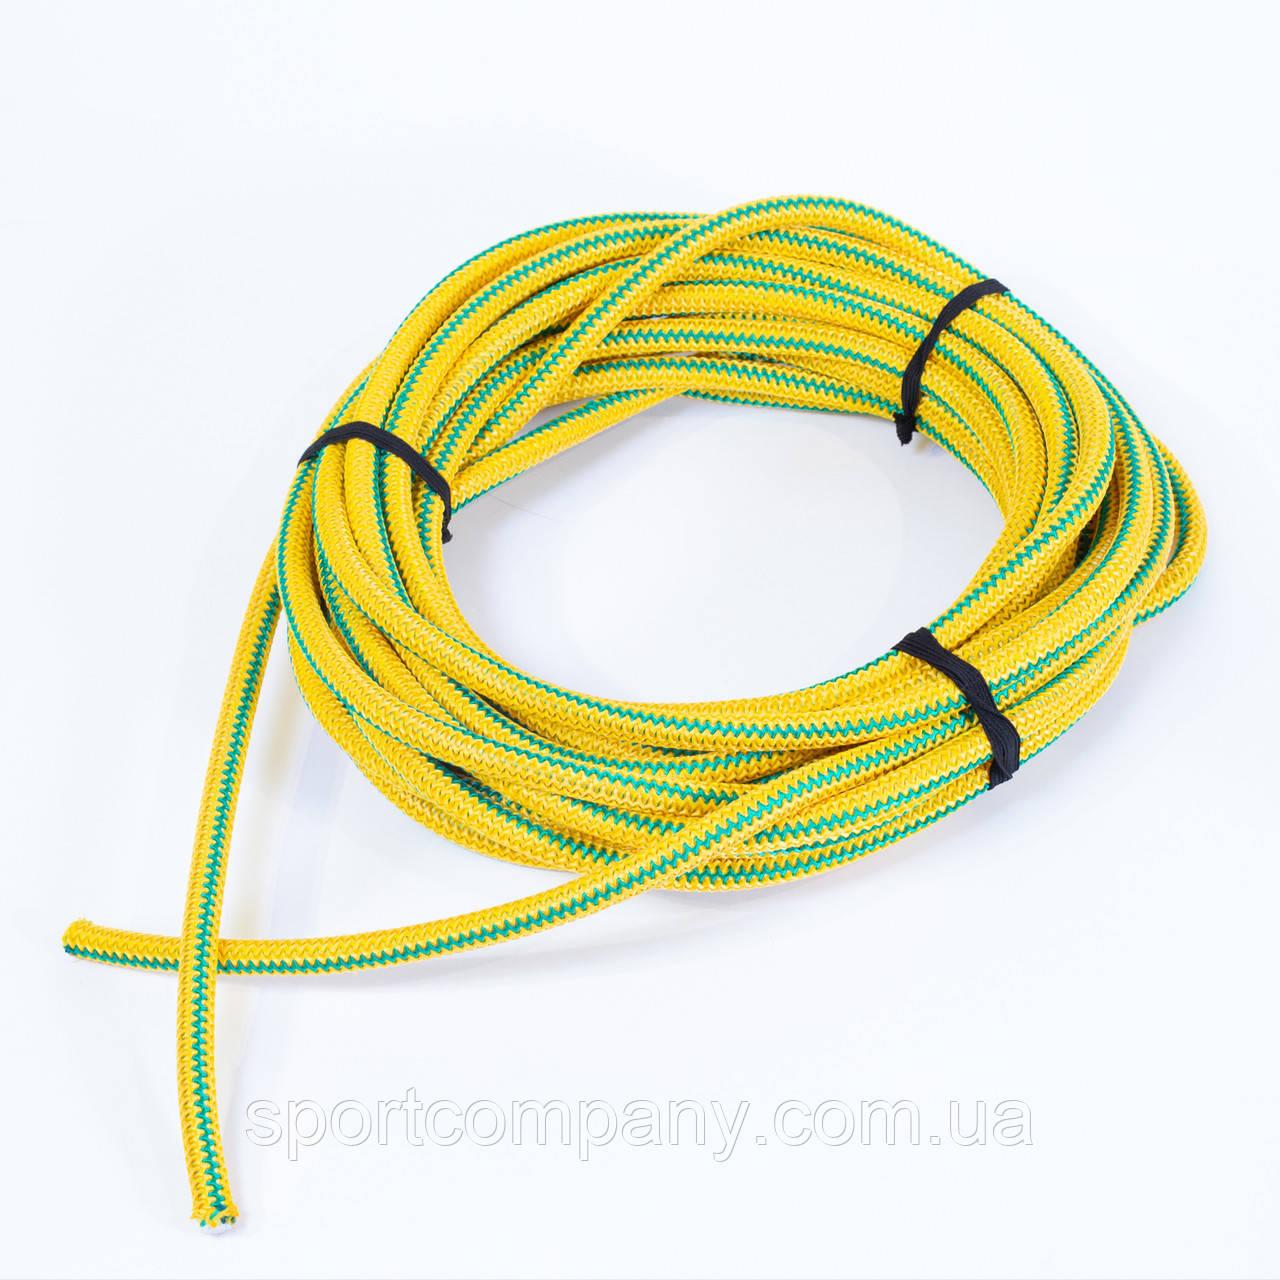 Жгут спортивный резиновый в тканевой оплетке ( резина, d-12 мм, I-100 см, желтый ) rez.yelow12